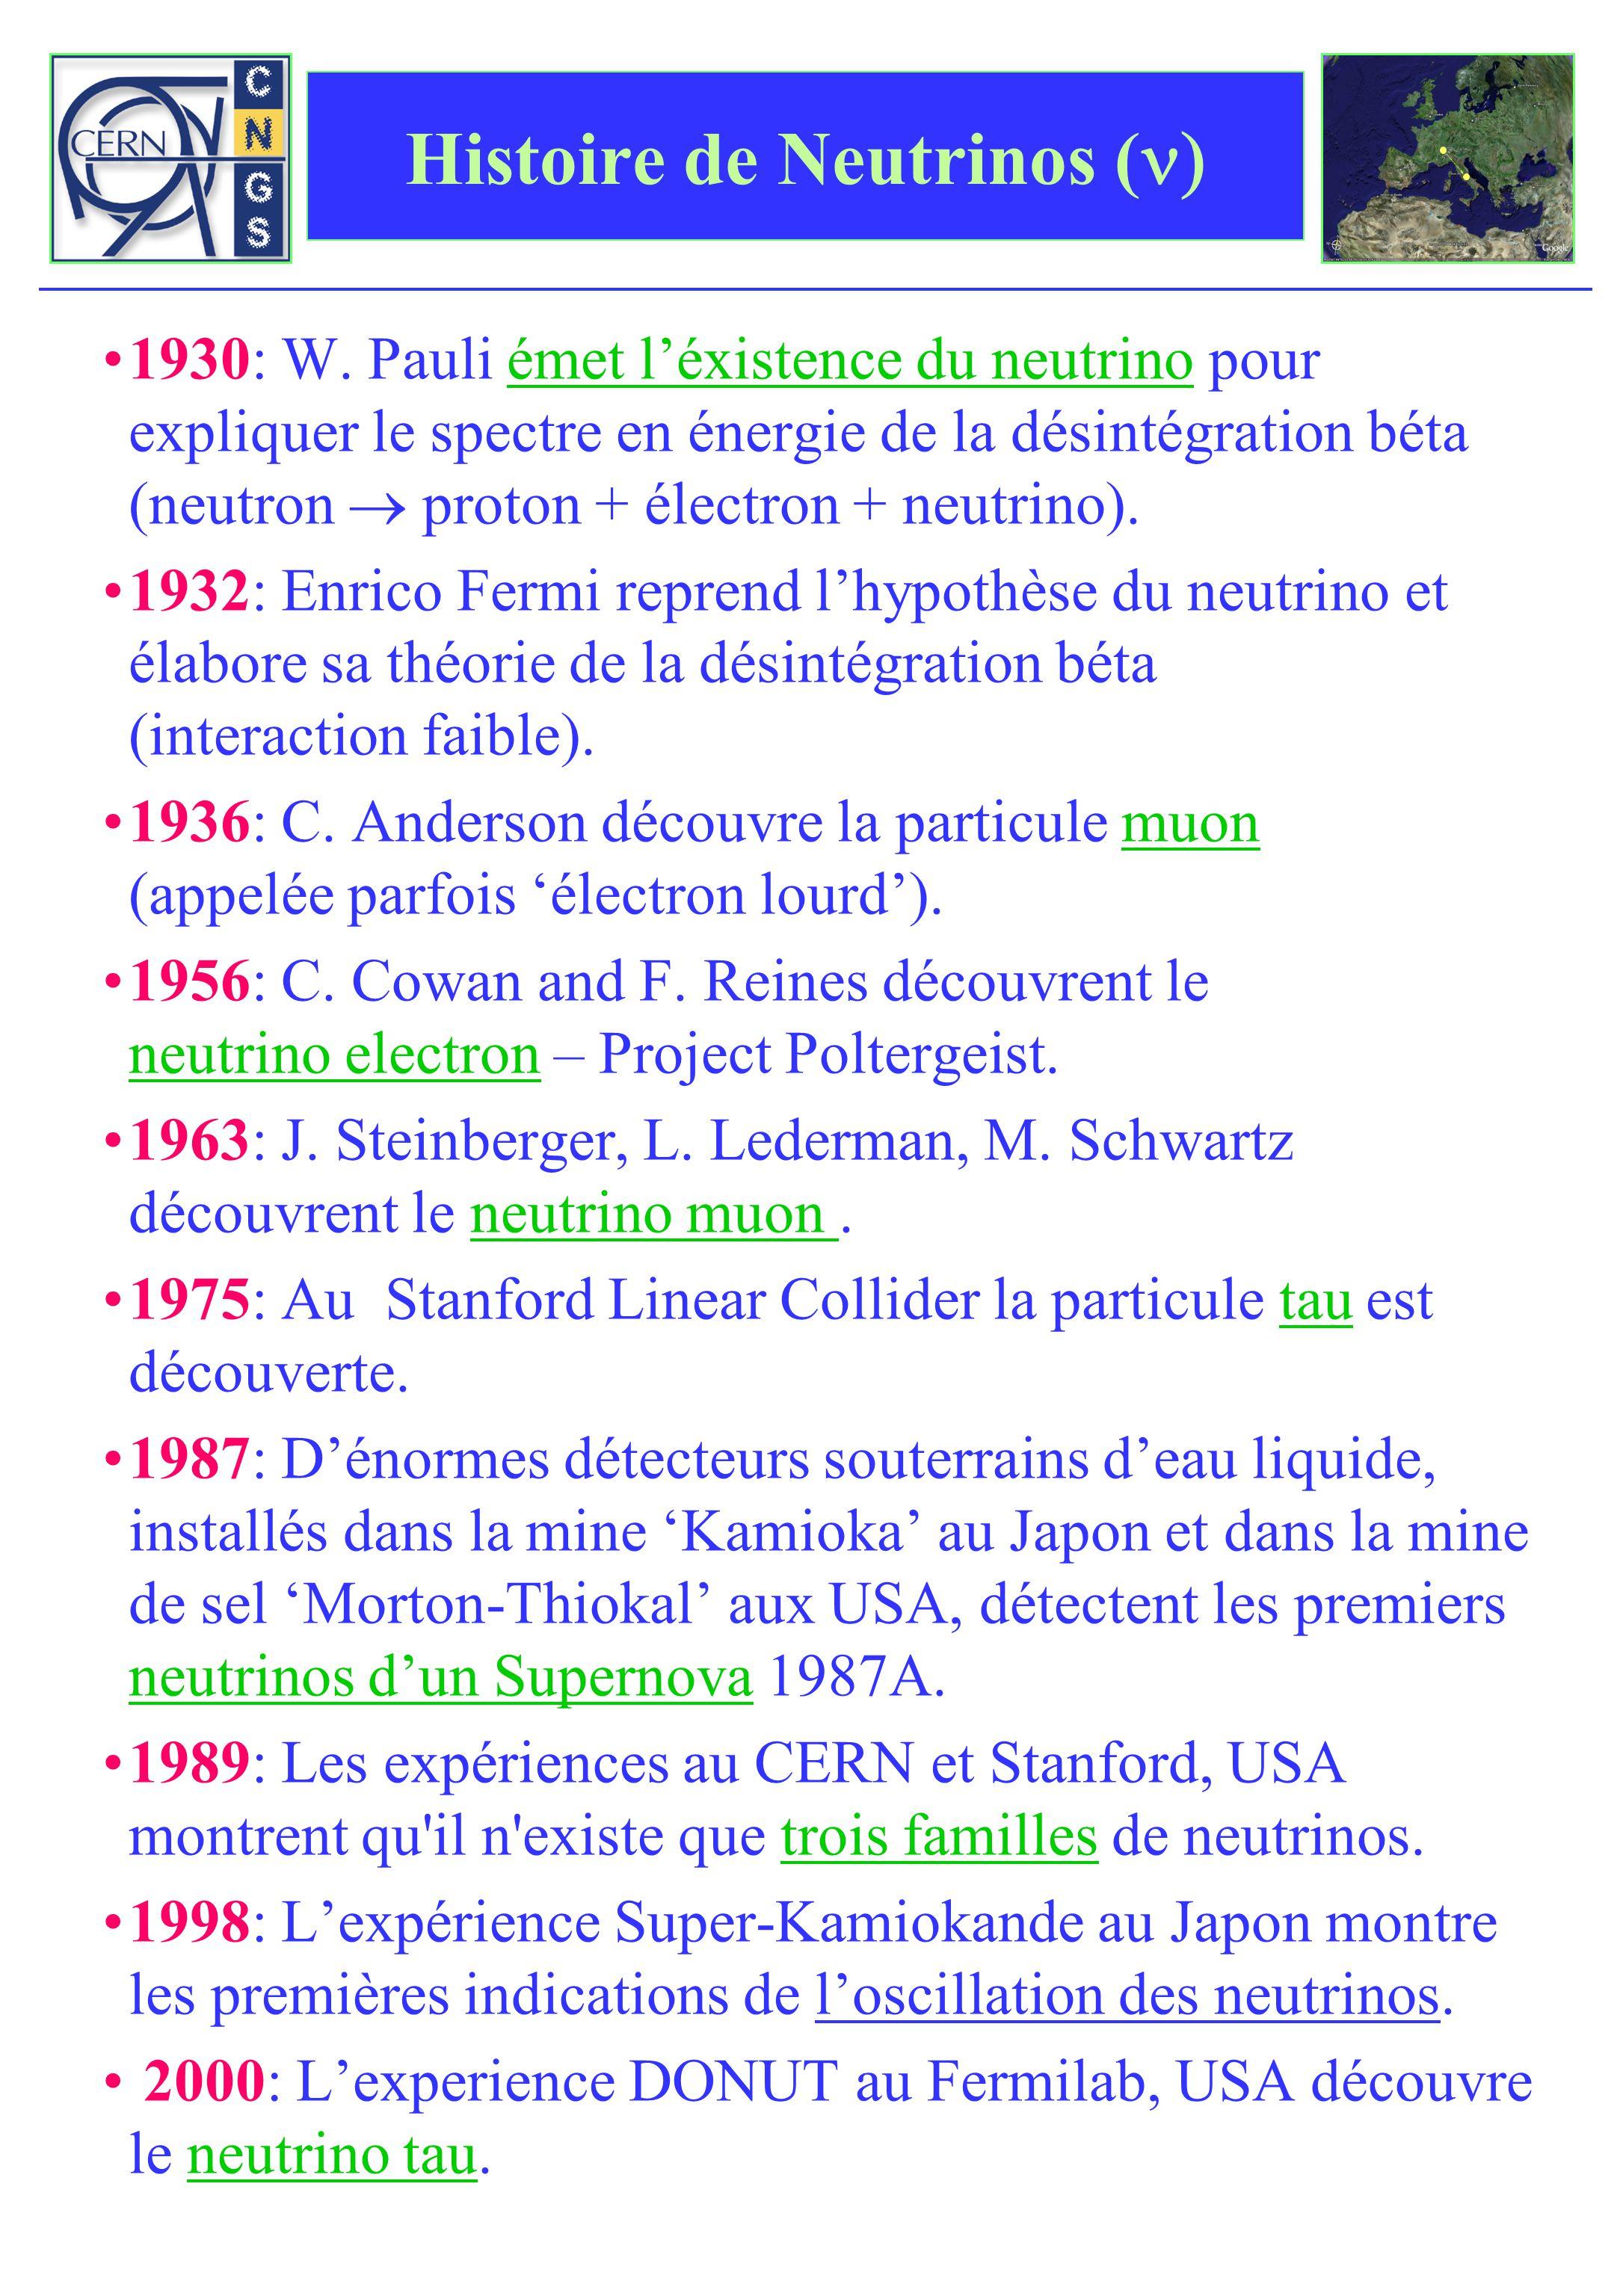 Histoire de Neutrinos (n)